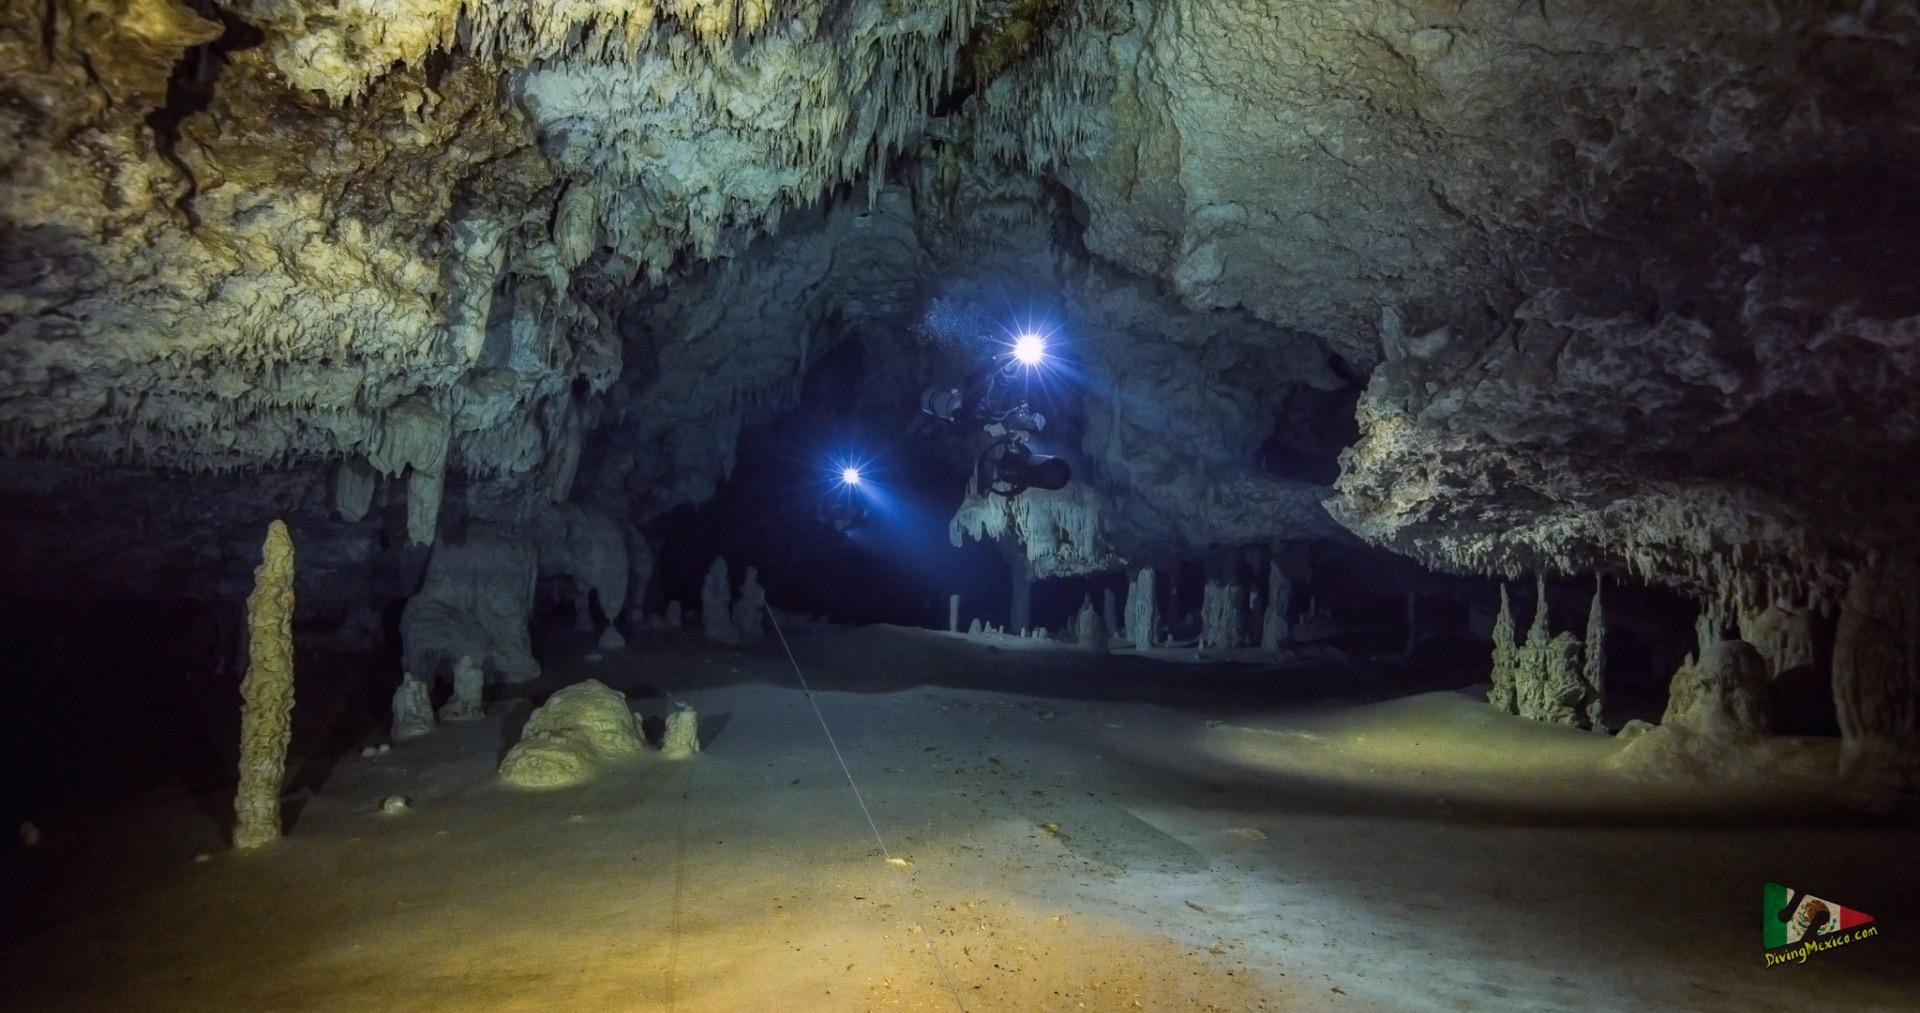 """Пещерата Икстлан - най-дългата подводна пещера с един единствен вход в света, изследователски проект на българската школа по пещерно гмуркане """"Дайвинг Мексико"""""""